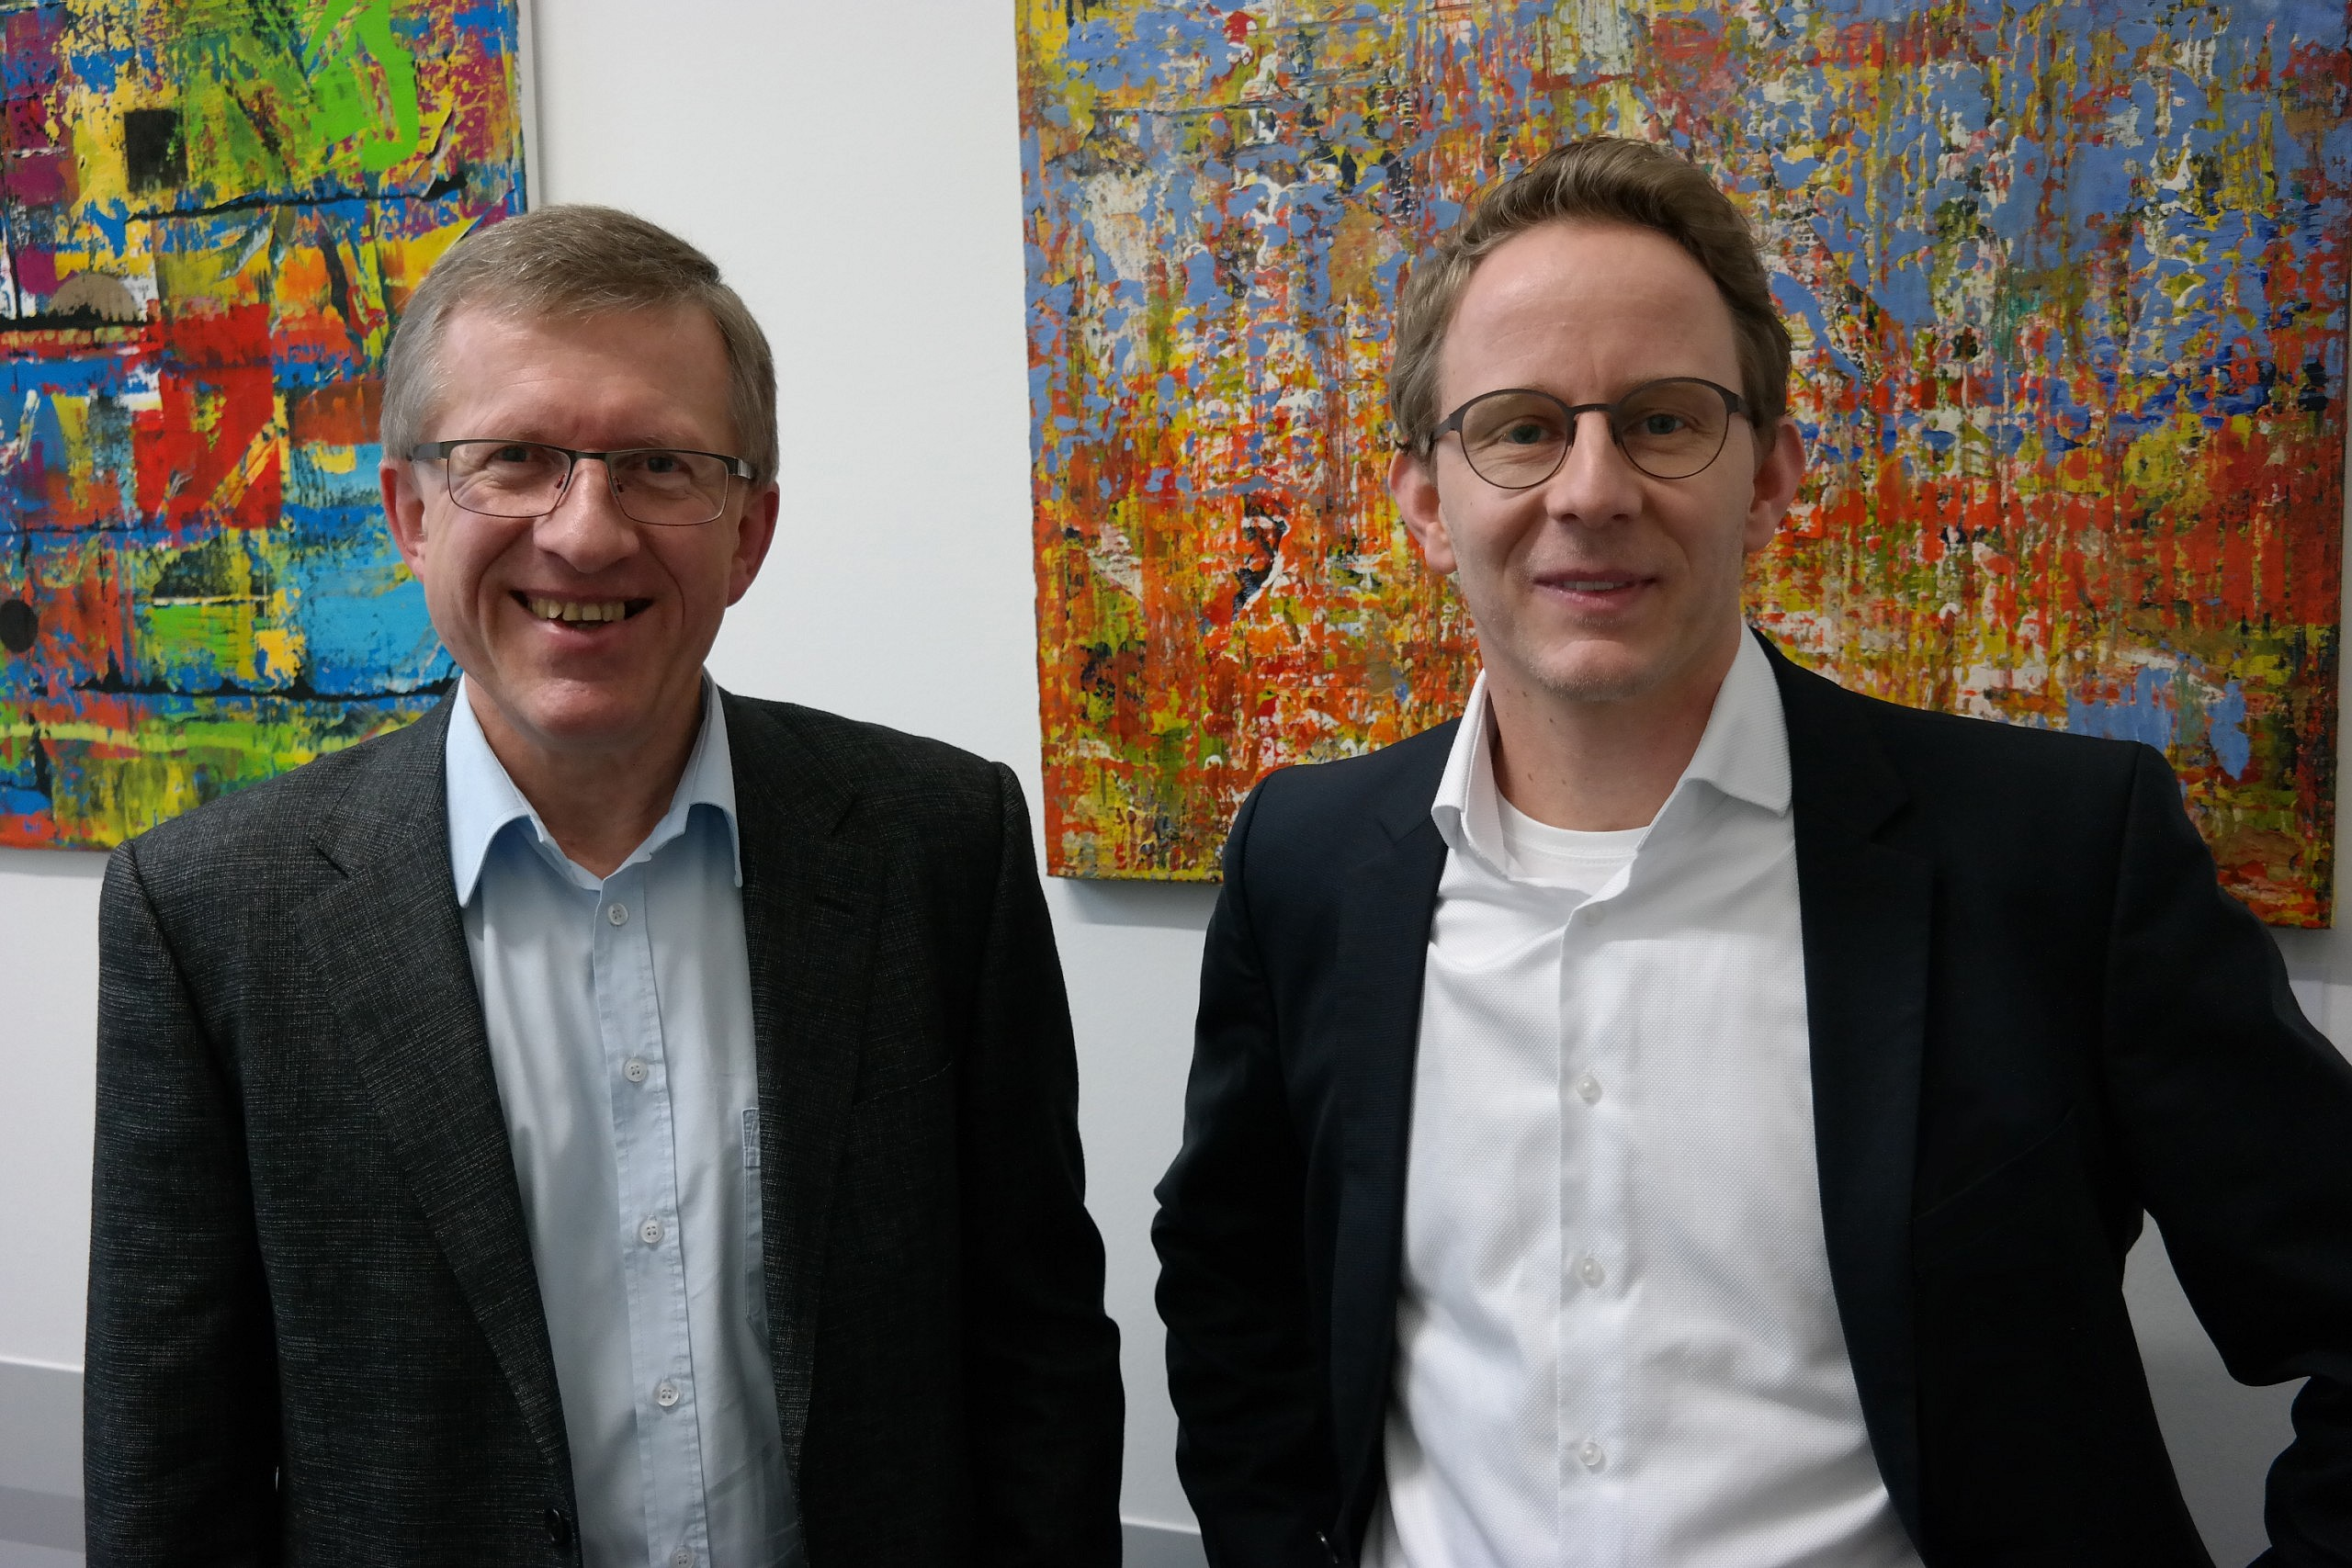 Die Vertragsunterzeichnenden: Philipp Wittner, DATAteam, und Lars Greifzu, Lecos